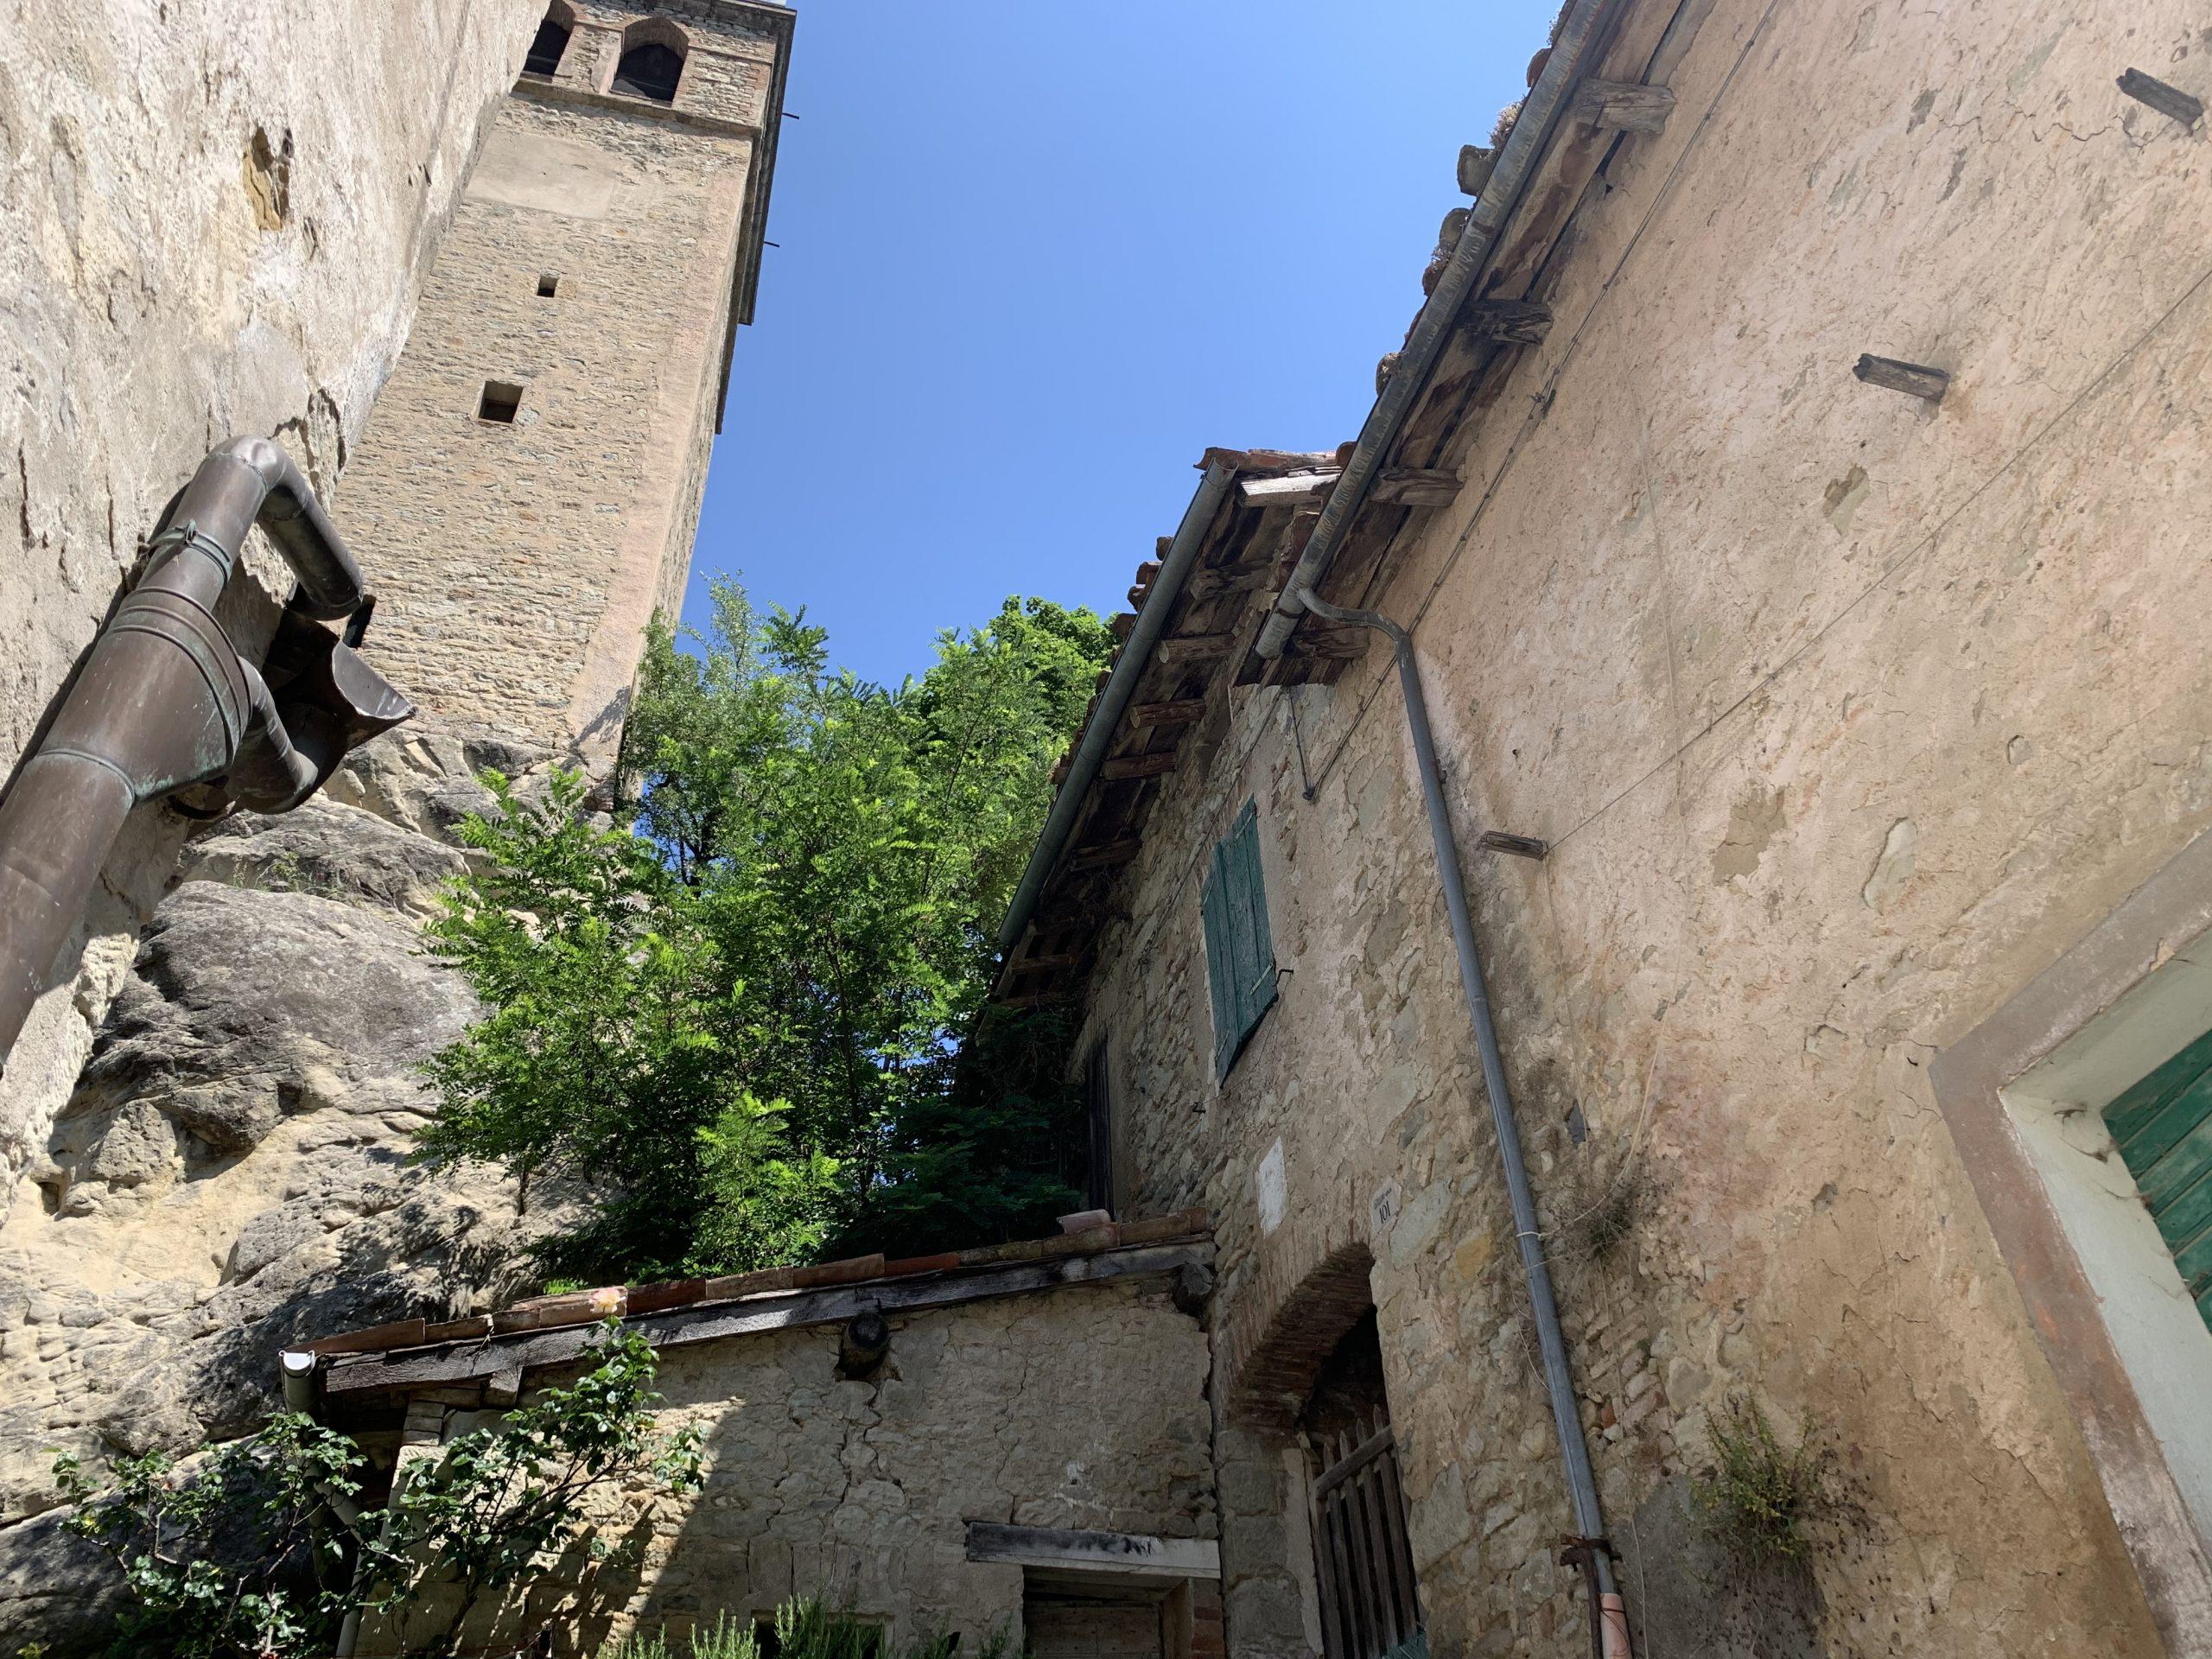 Rustico in borgo